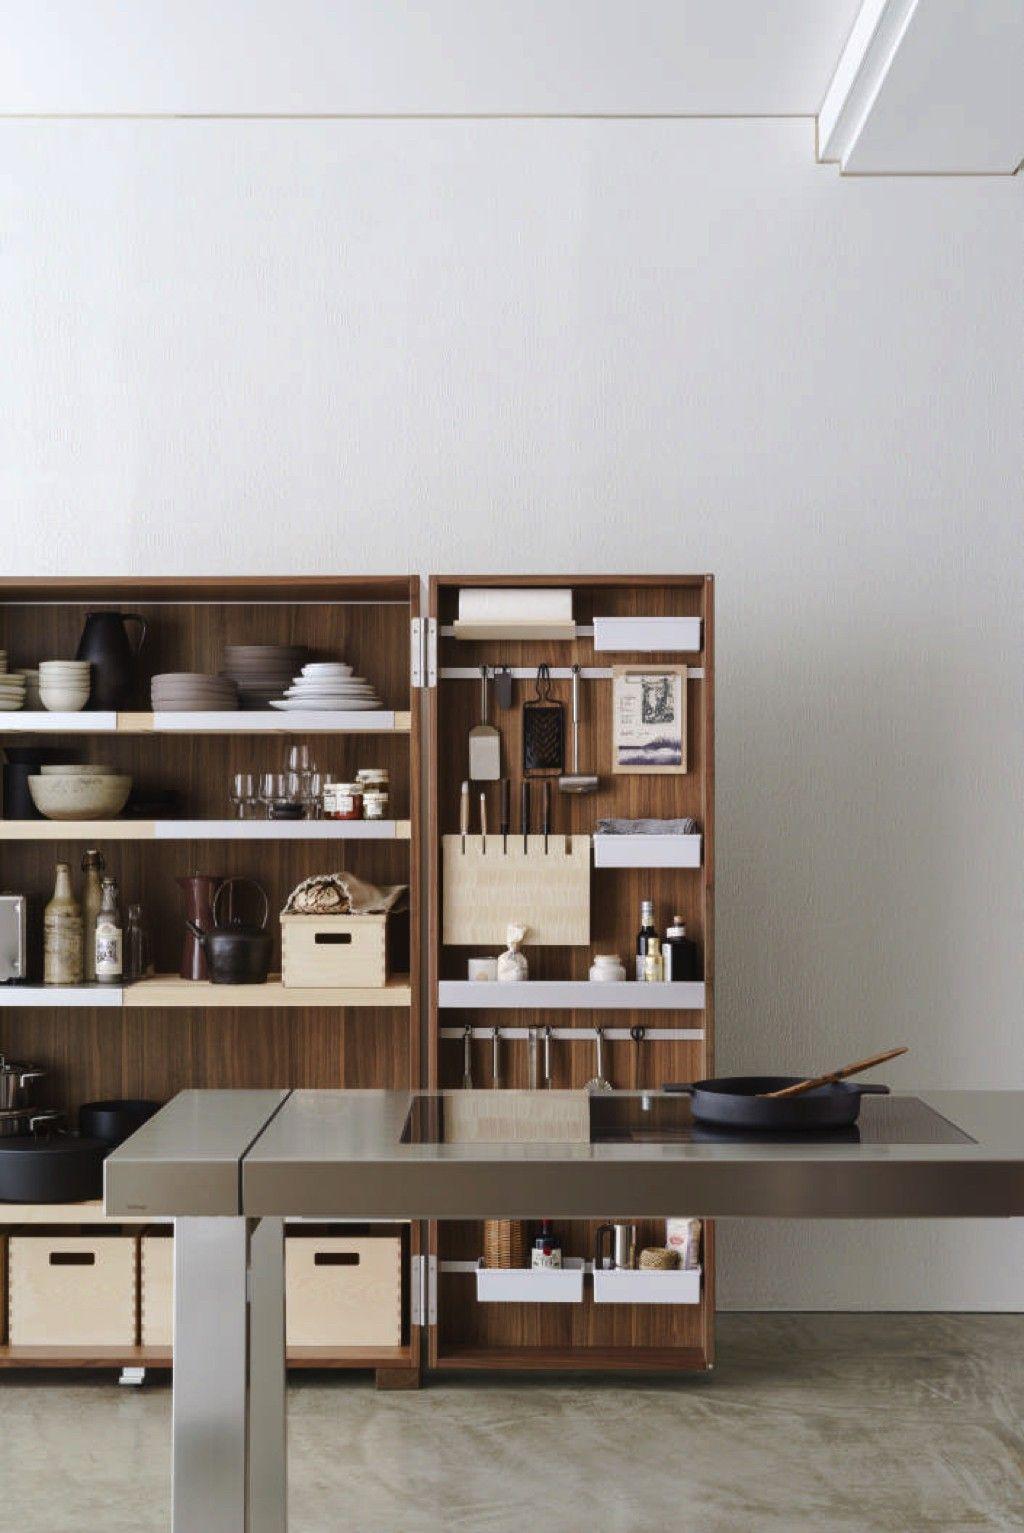 bulthaup cocinas como lugares de encuentro sagaseta. Black Bedroom Furniture Sets. Home Design Ideas